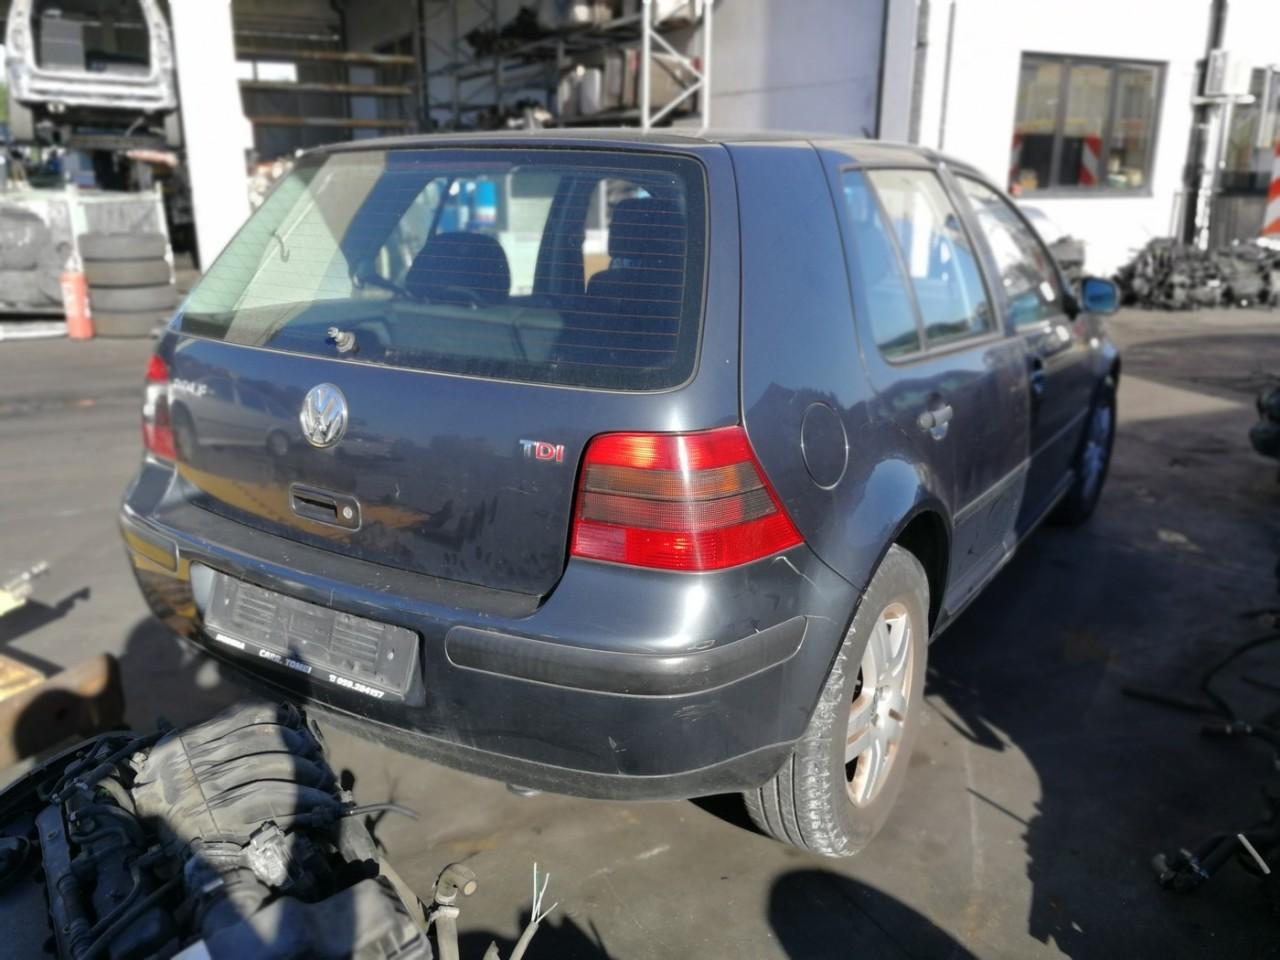 DEZMEMBREZ Volkswagen Golf 4 an de fabricatie 2001 - 2002 - 2003 - 2004 - 2005